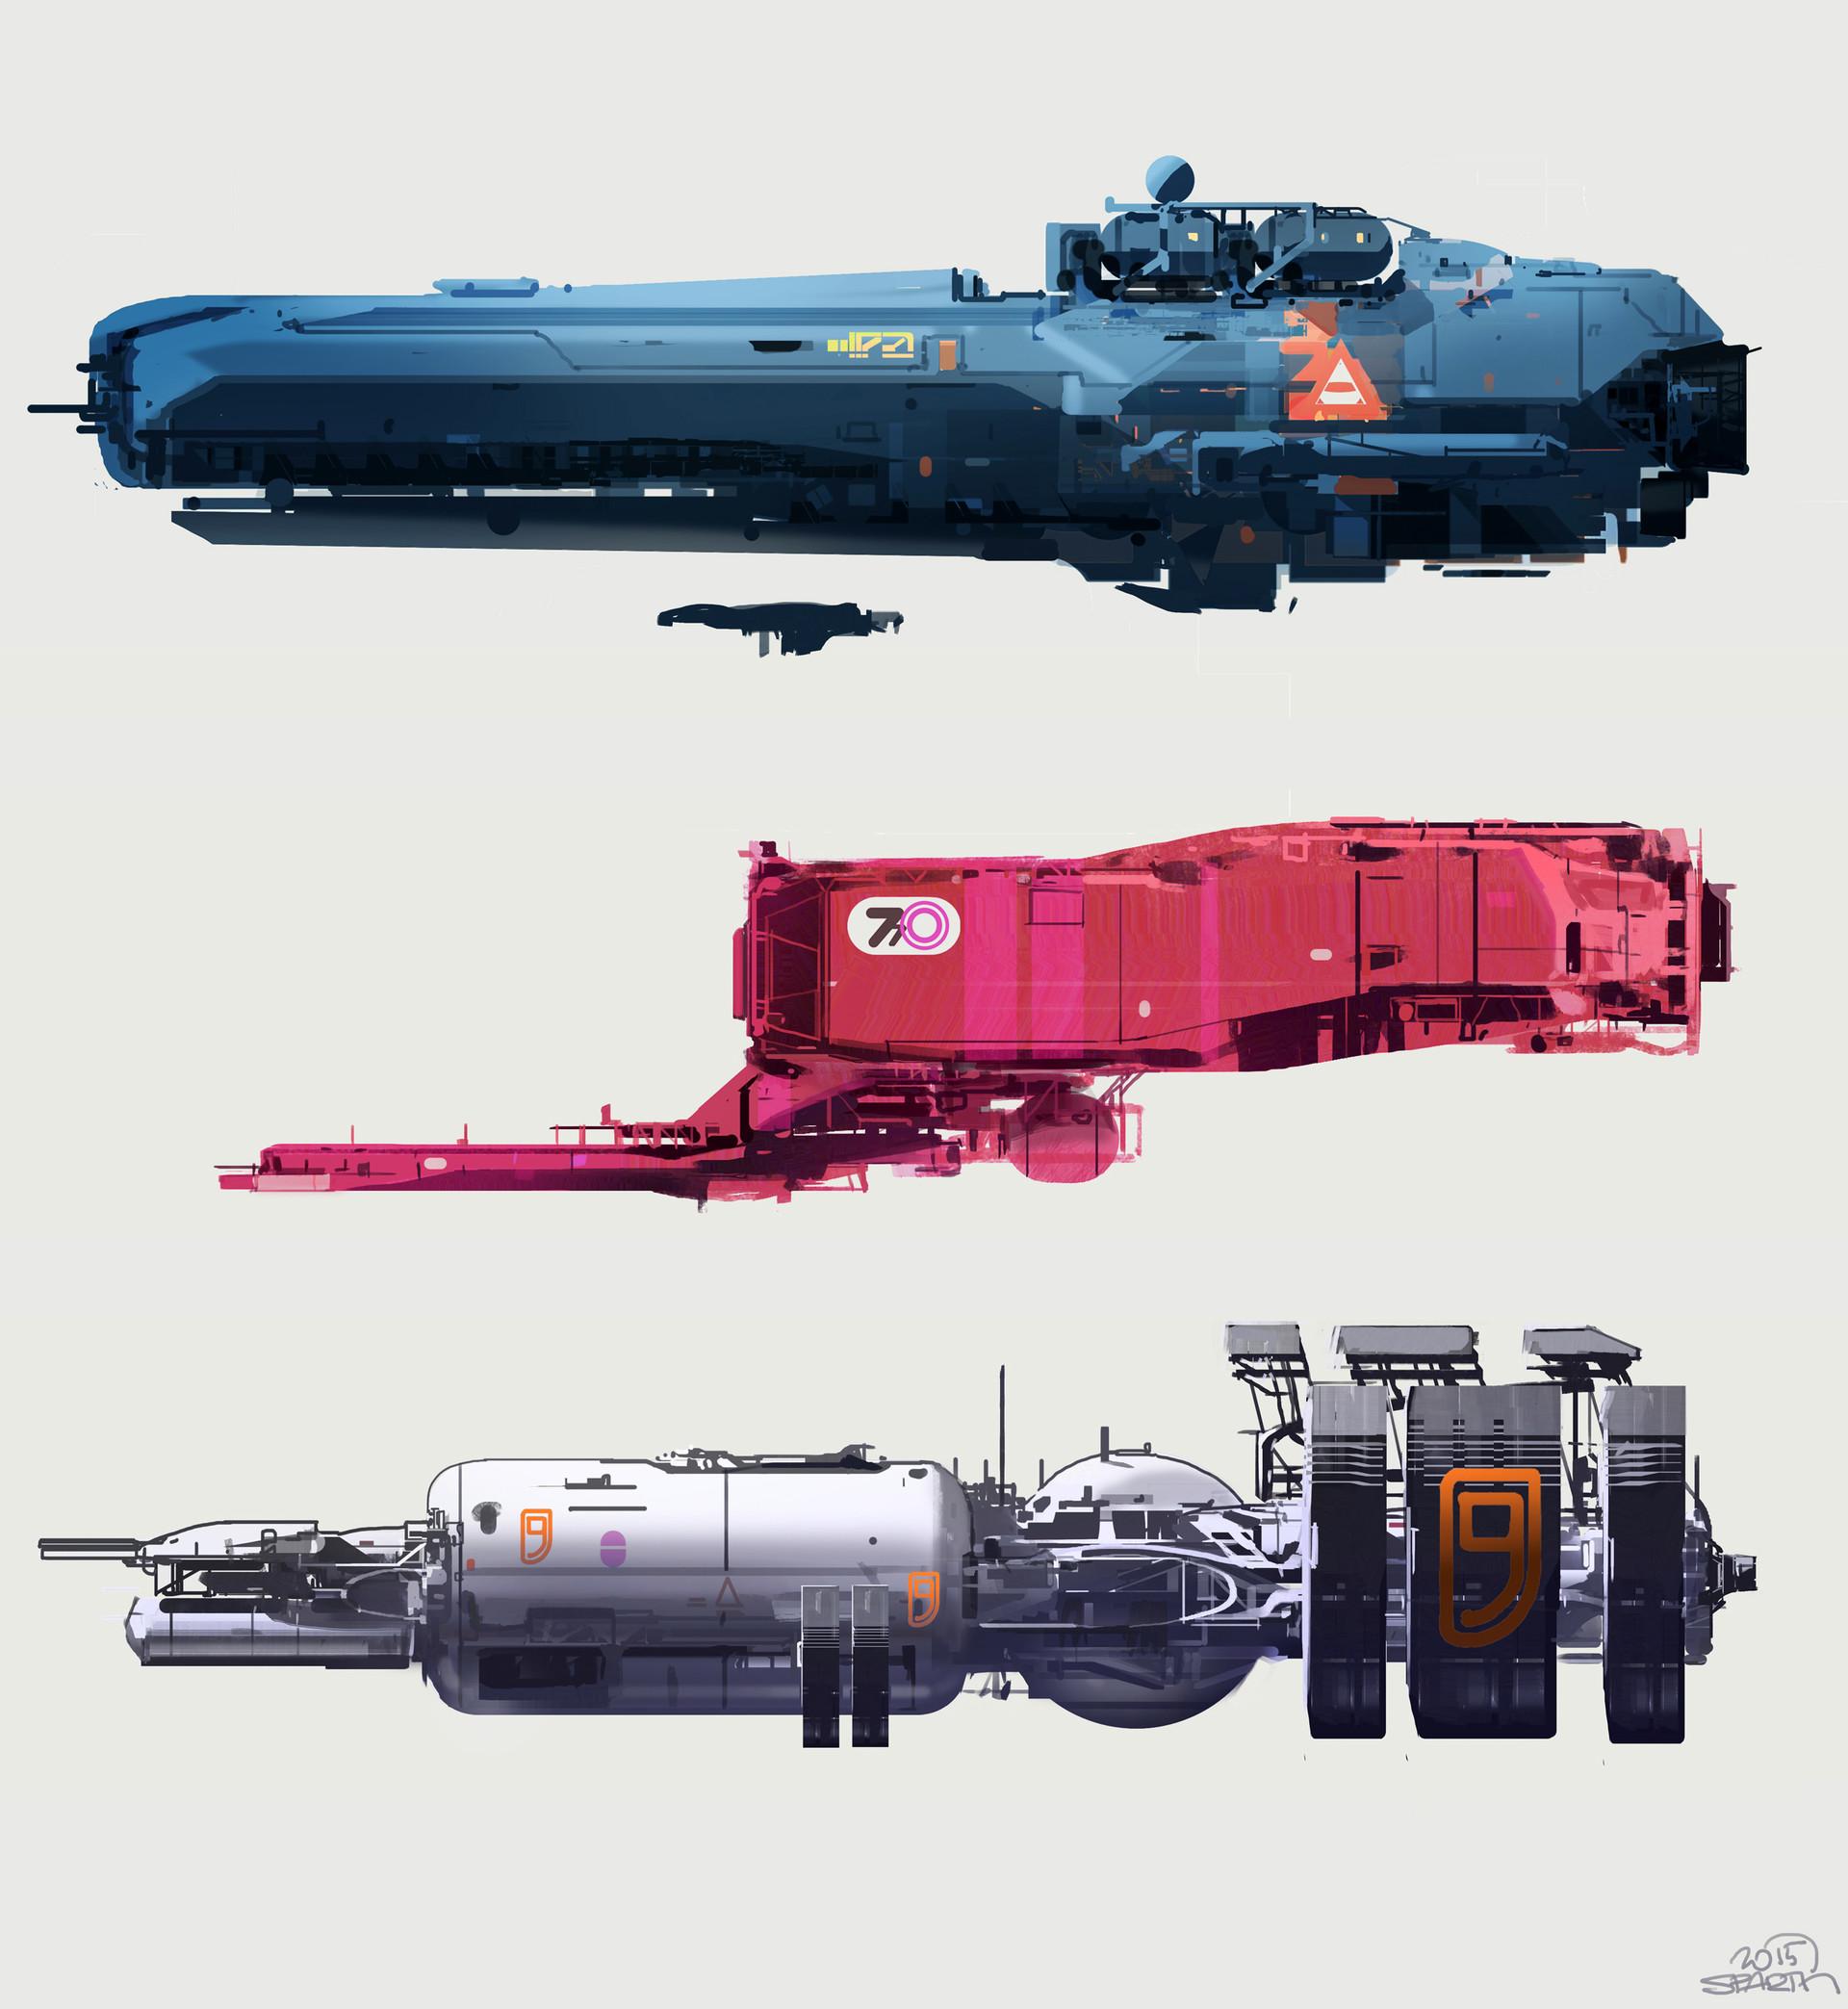 Sparth sparth spaceship sheet final small2